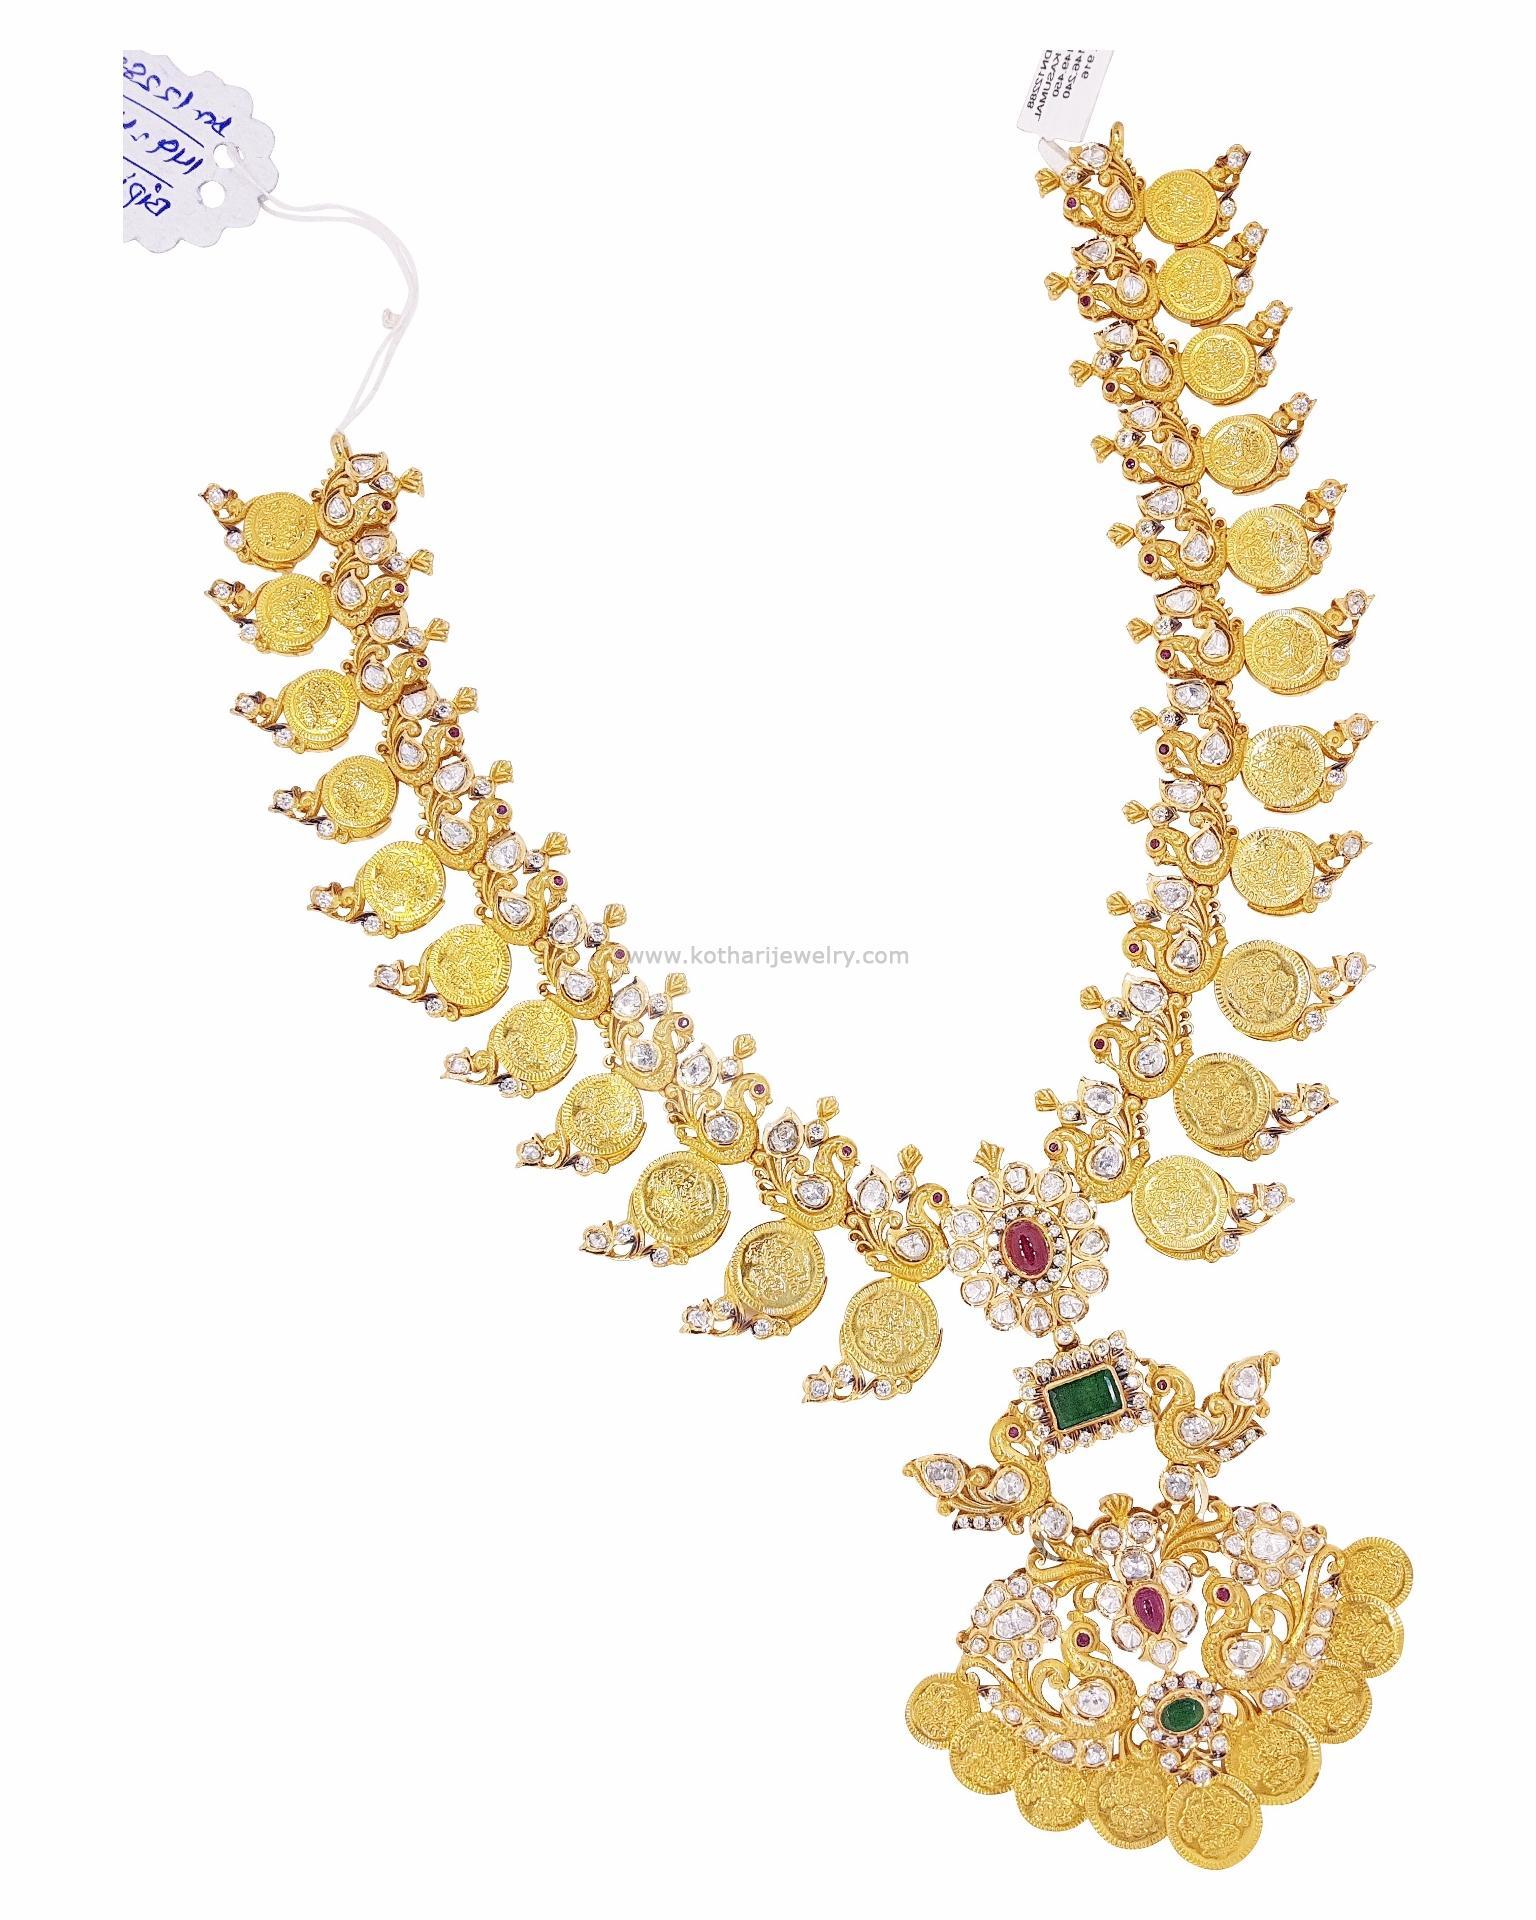 Gold Jewelry Diamond Jewelry line Jewelry Shop